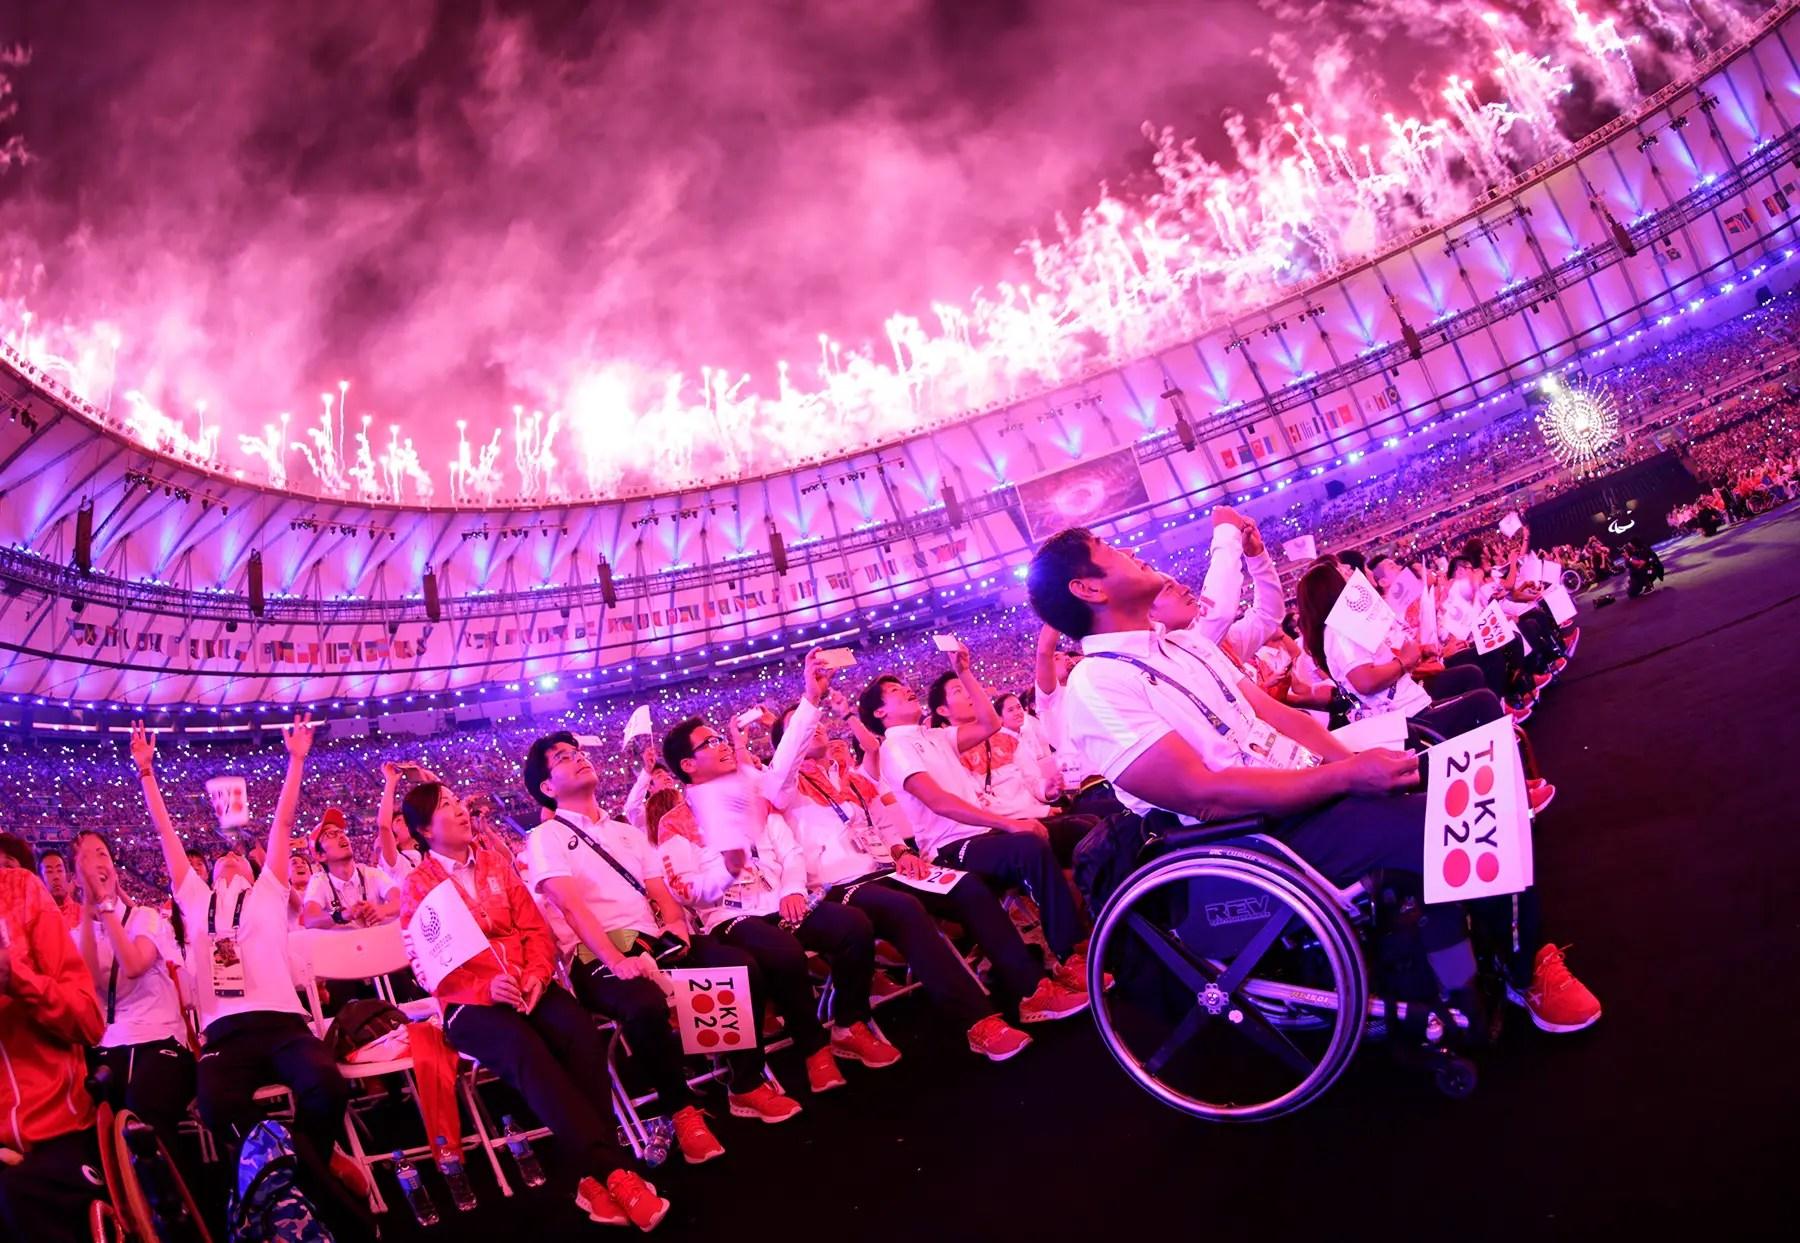 Los paralímpicos pasar la antorcha de los Juegos Paralímpicos de 2020 en Tokio.